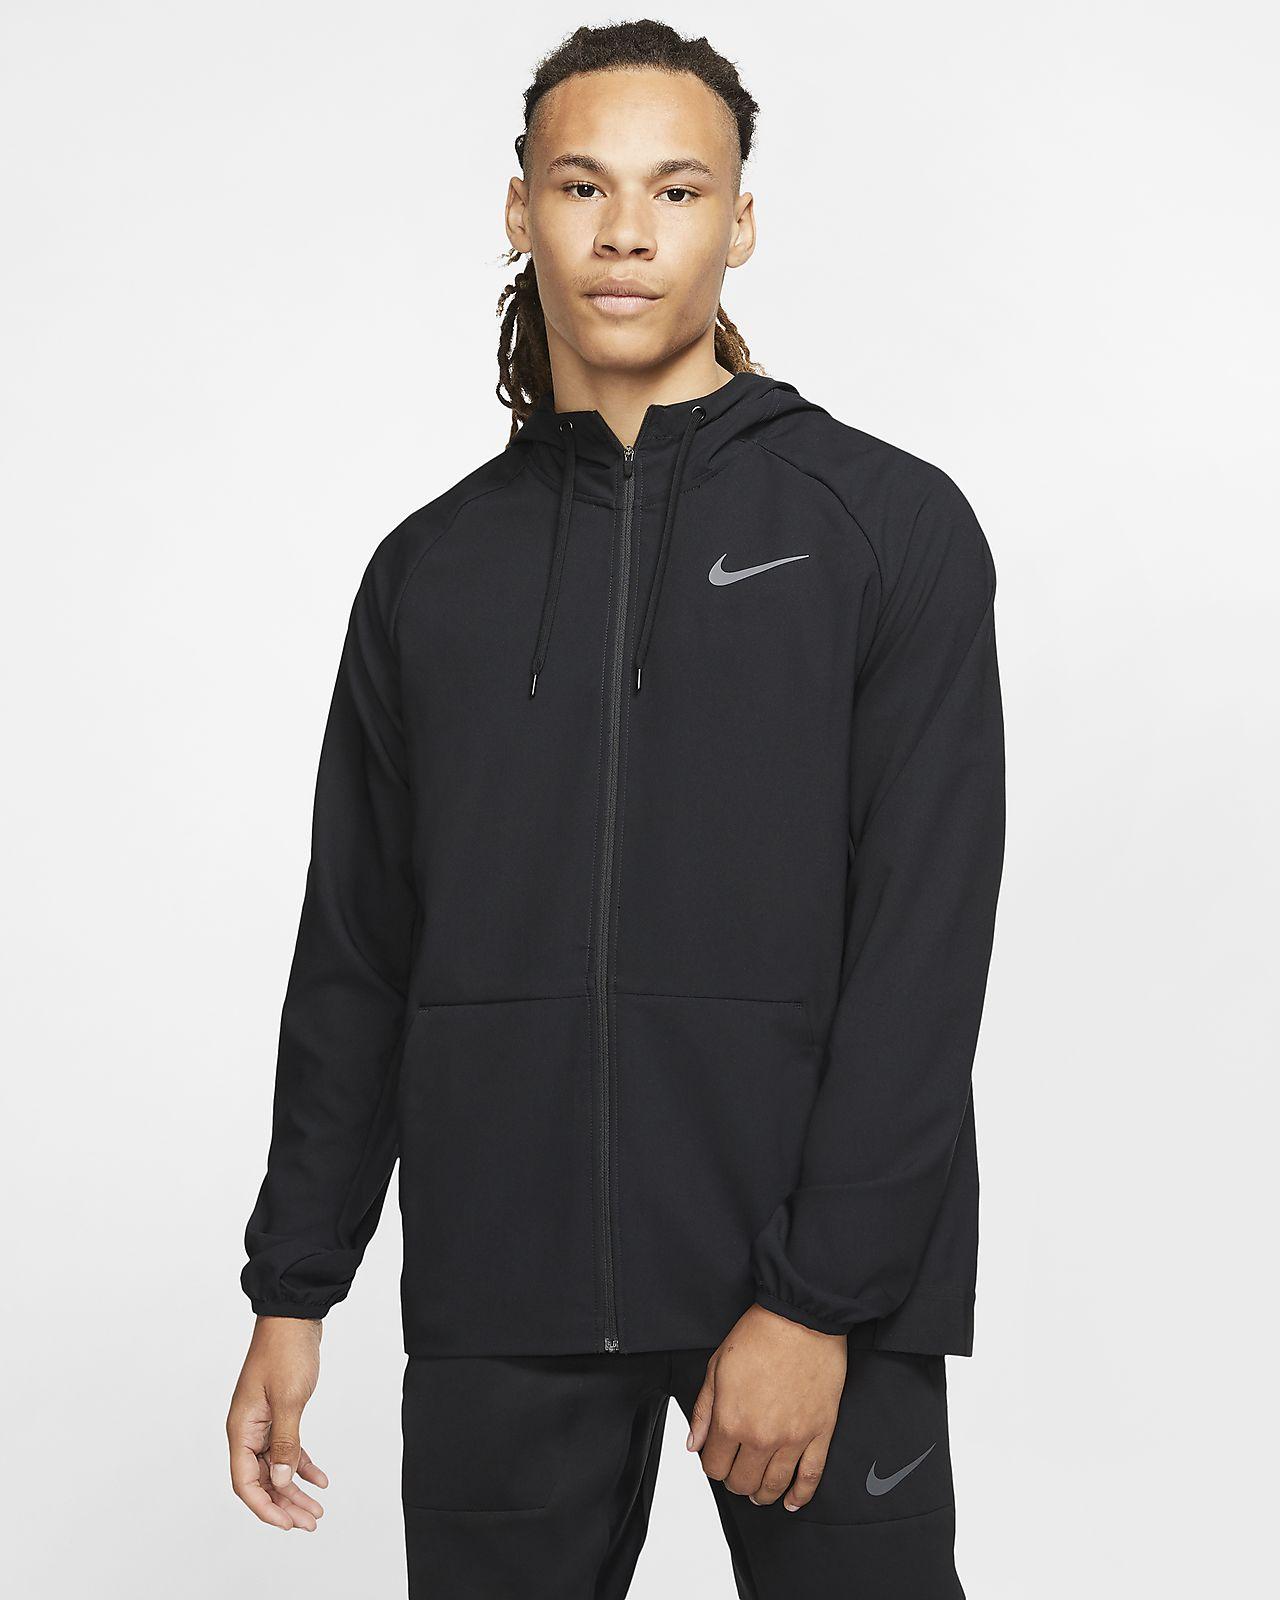 Męska kurtka treningowa z zamkiem Nike Flex